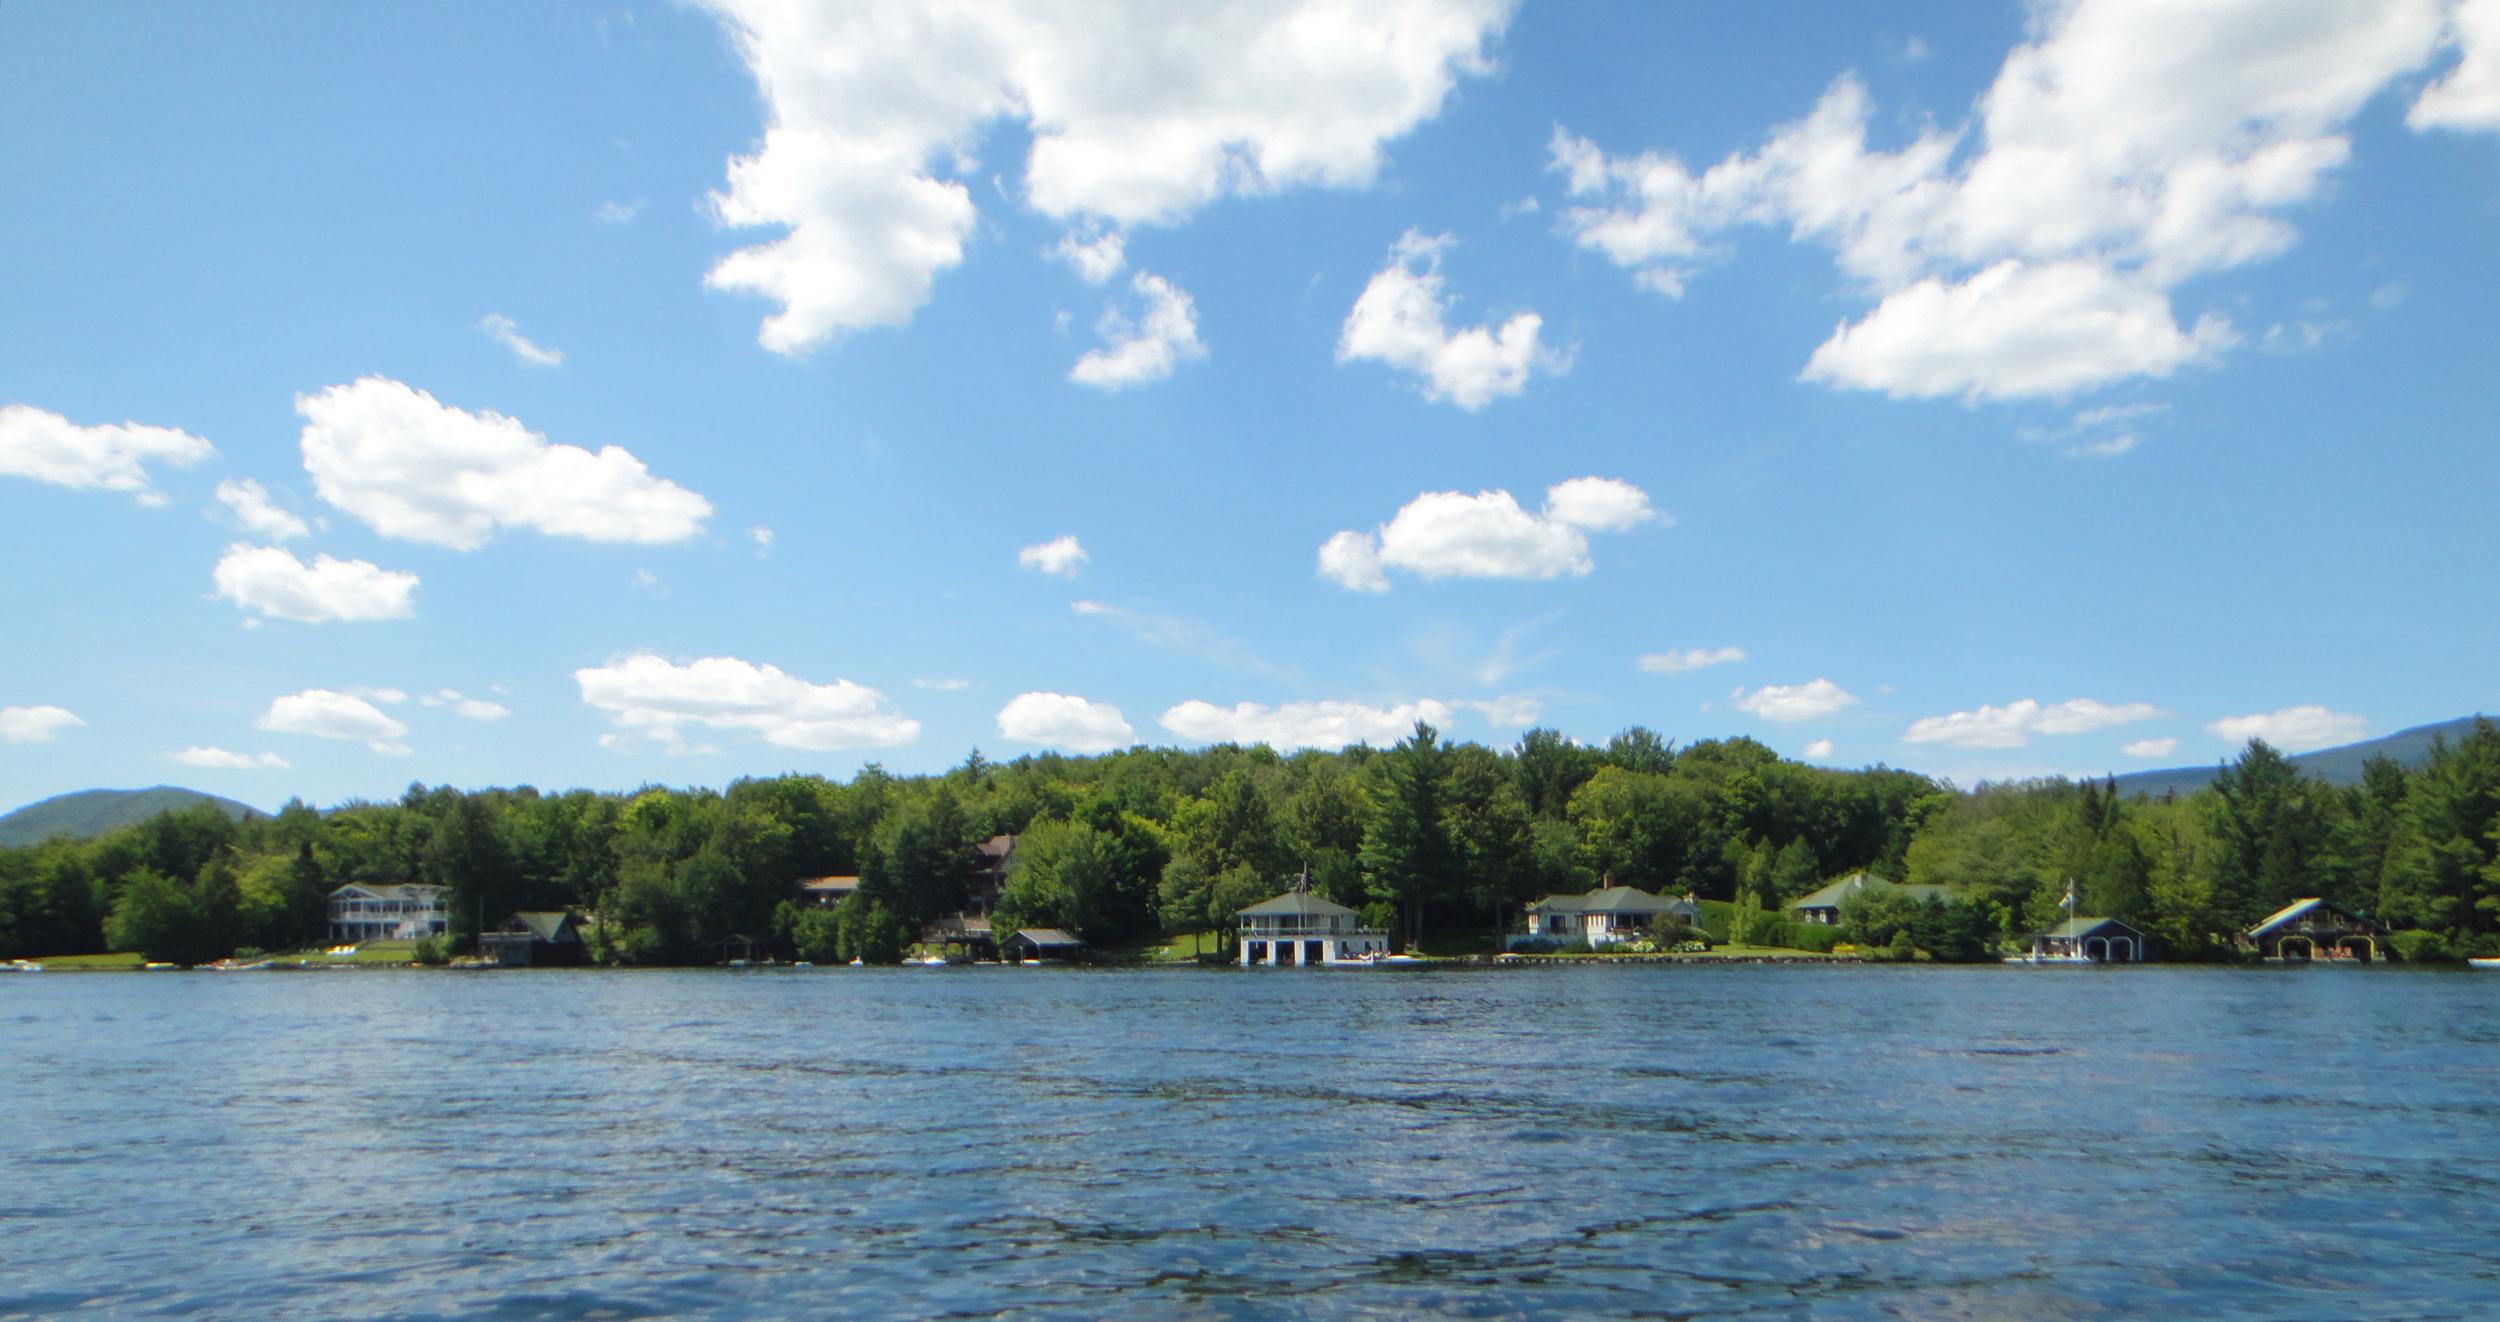 On Lake Placid towards Peninsula